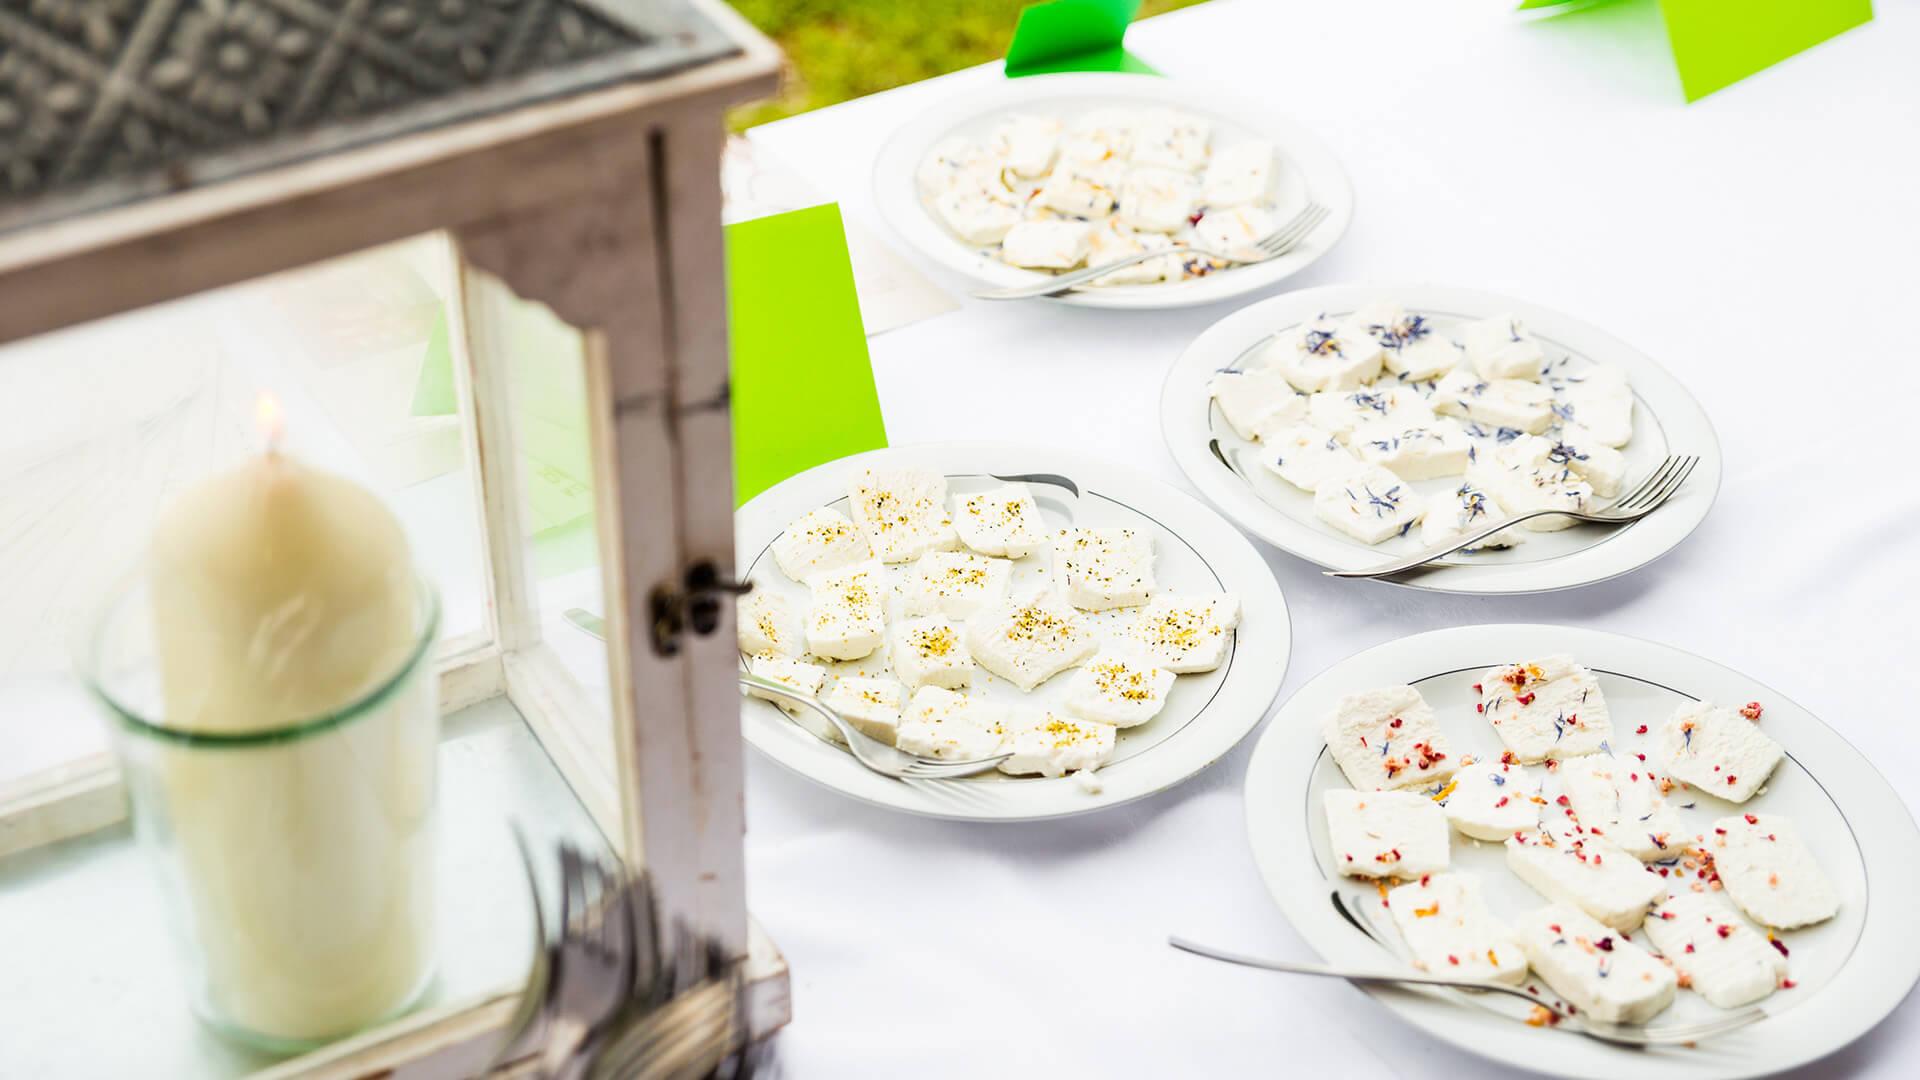 Servizio catering bergamo - salato 2